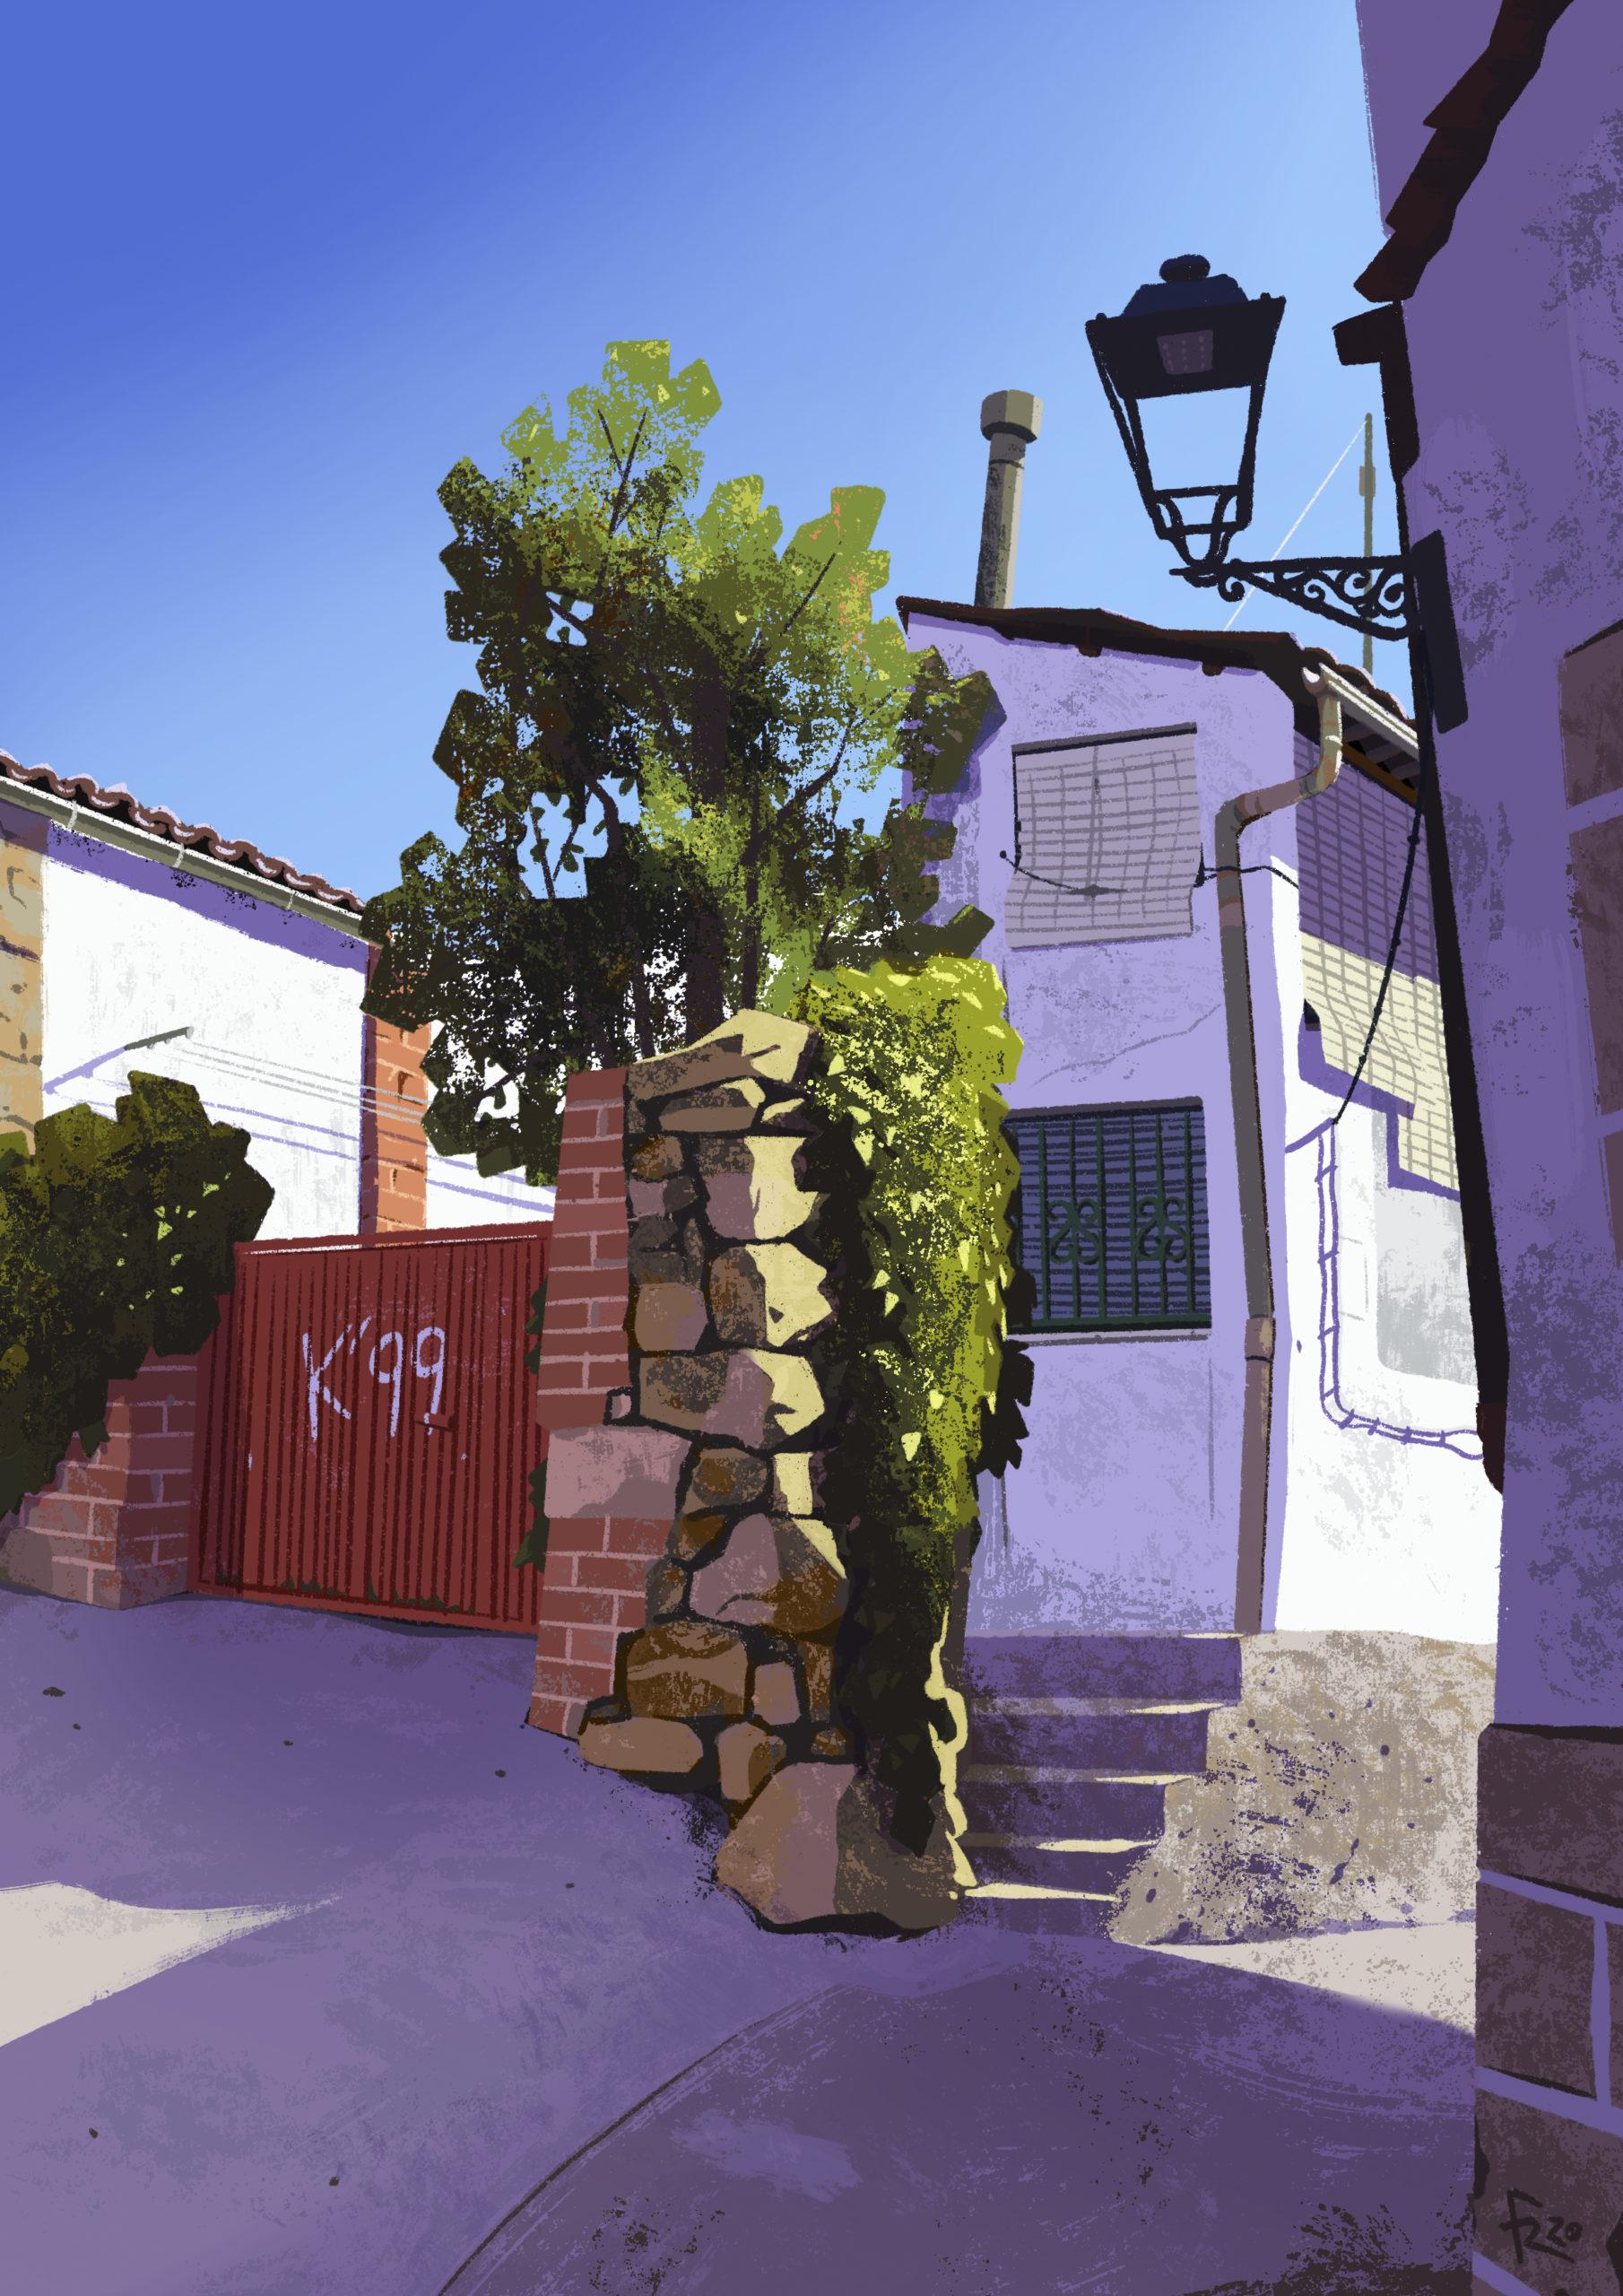 Edificio de El Torno en el Valle del Jerte, España